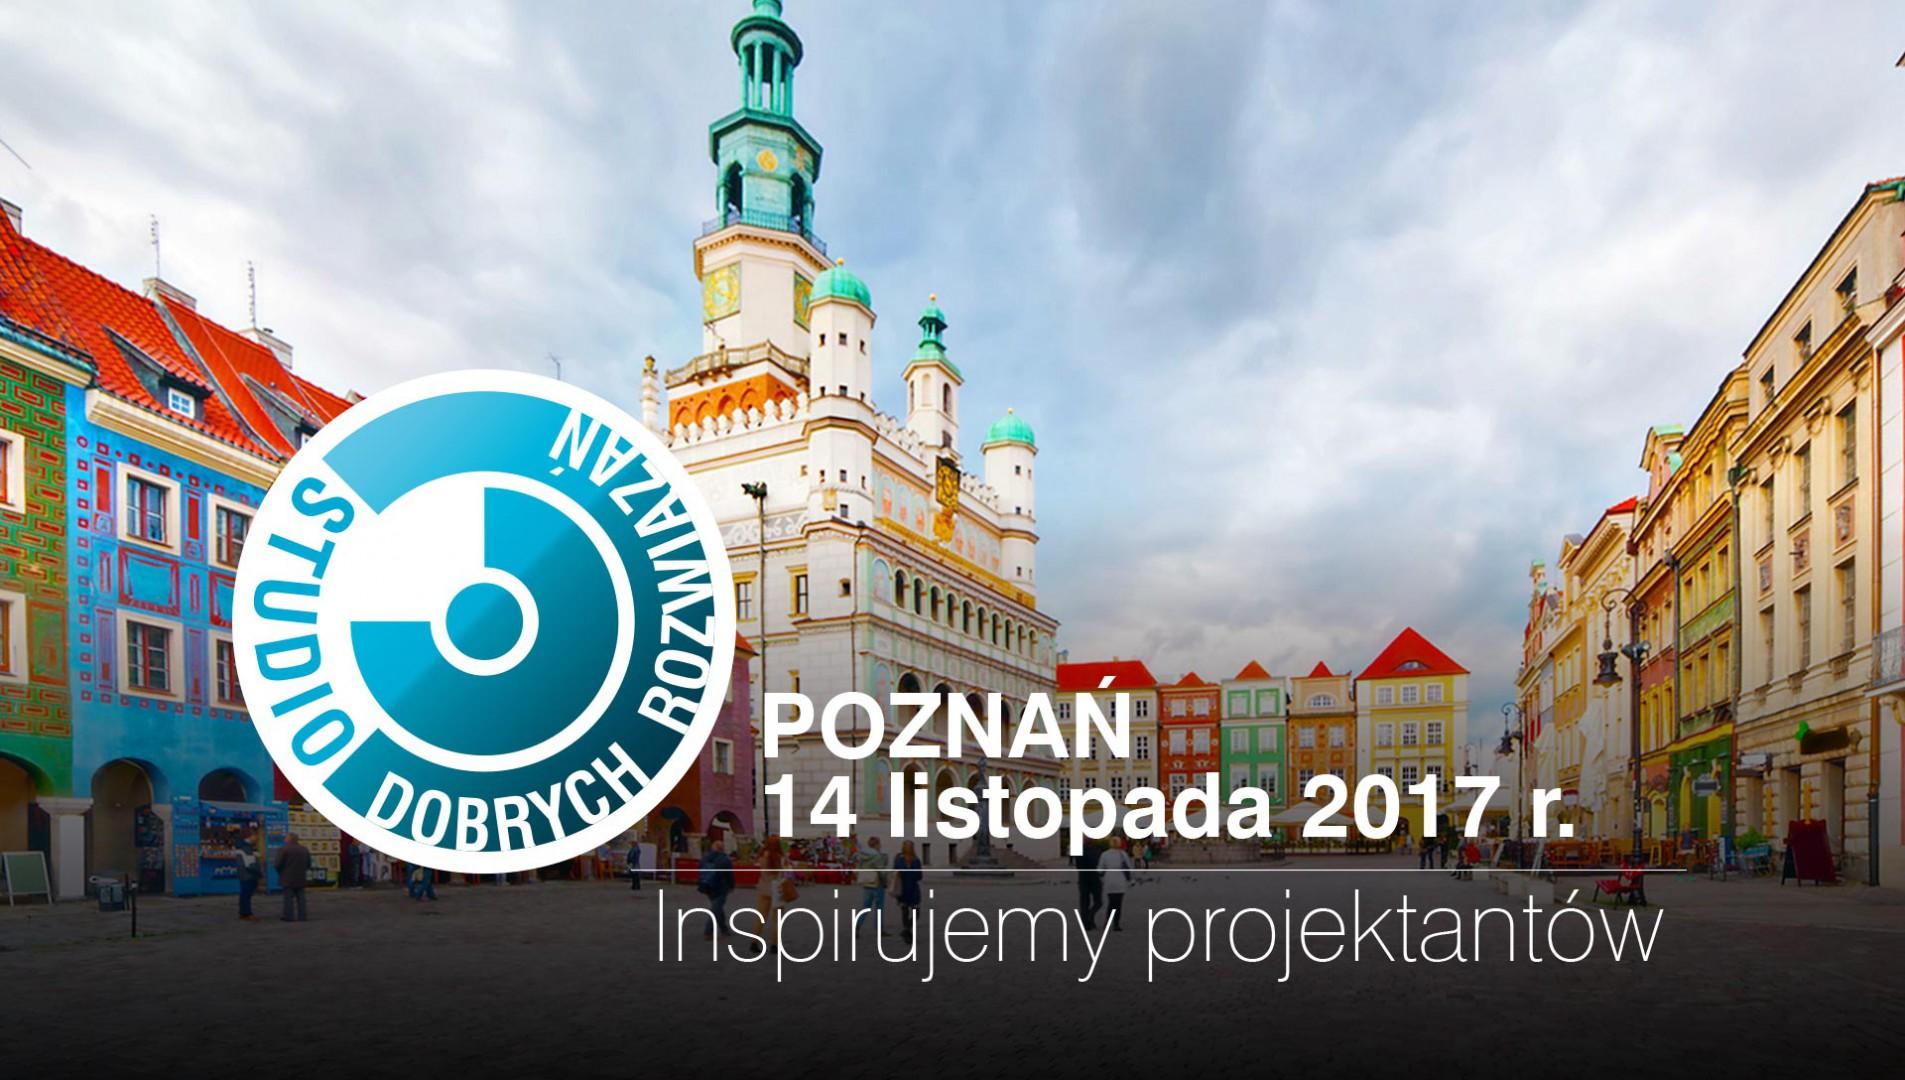 Studio Dobrych Rozwiązań odbędzie się 14 listopada w Poznaniu.